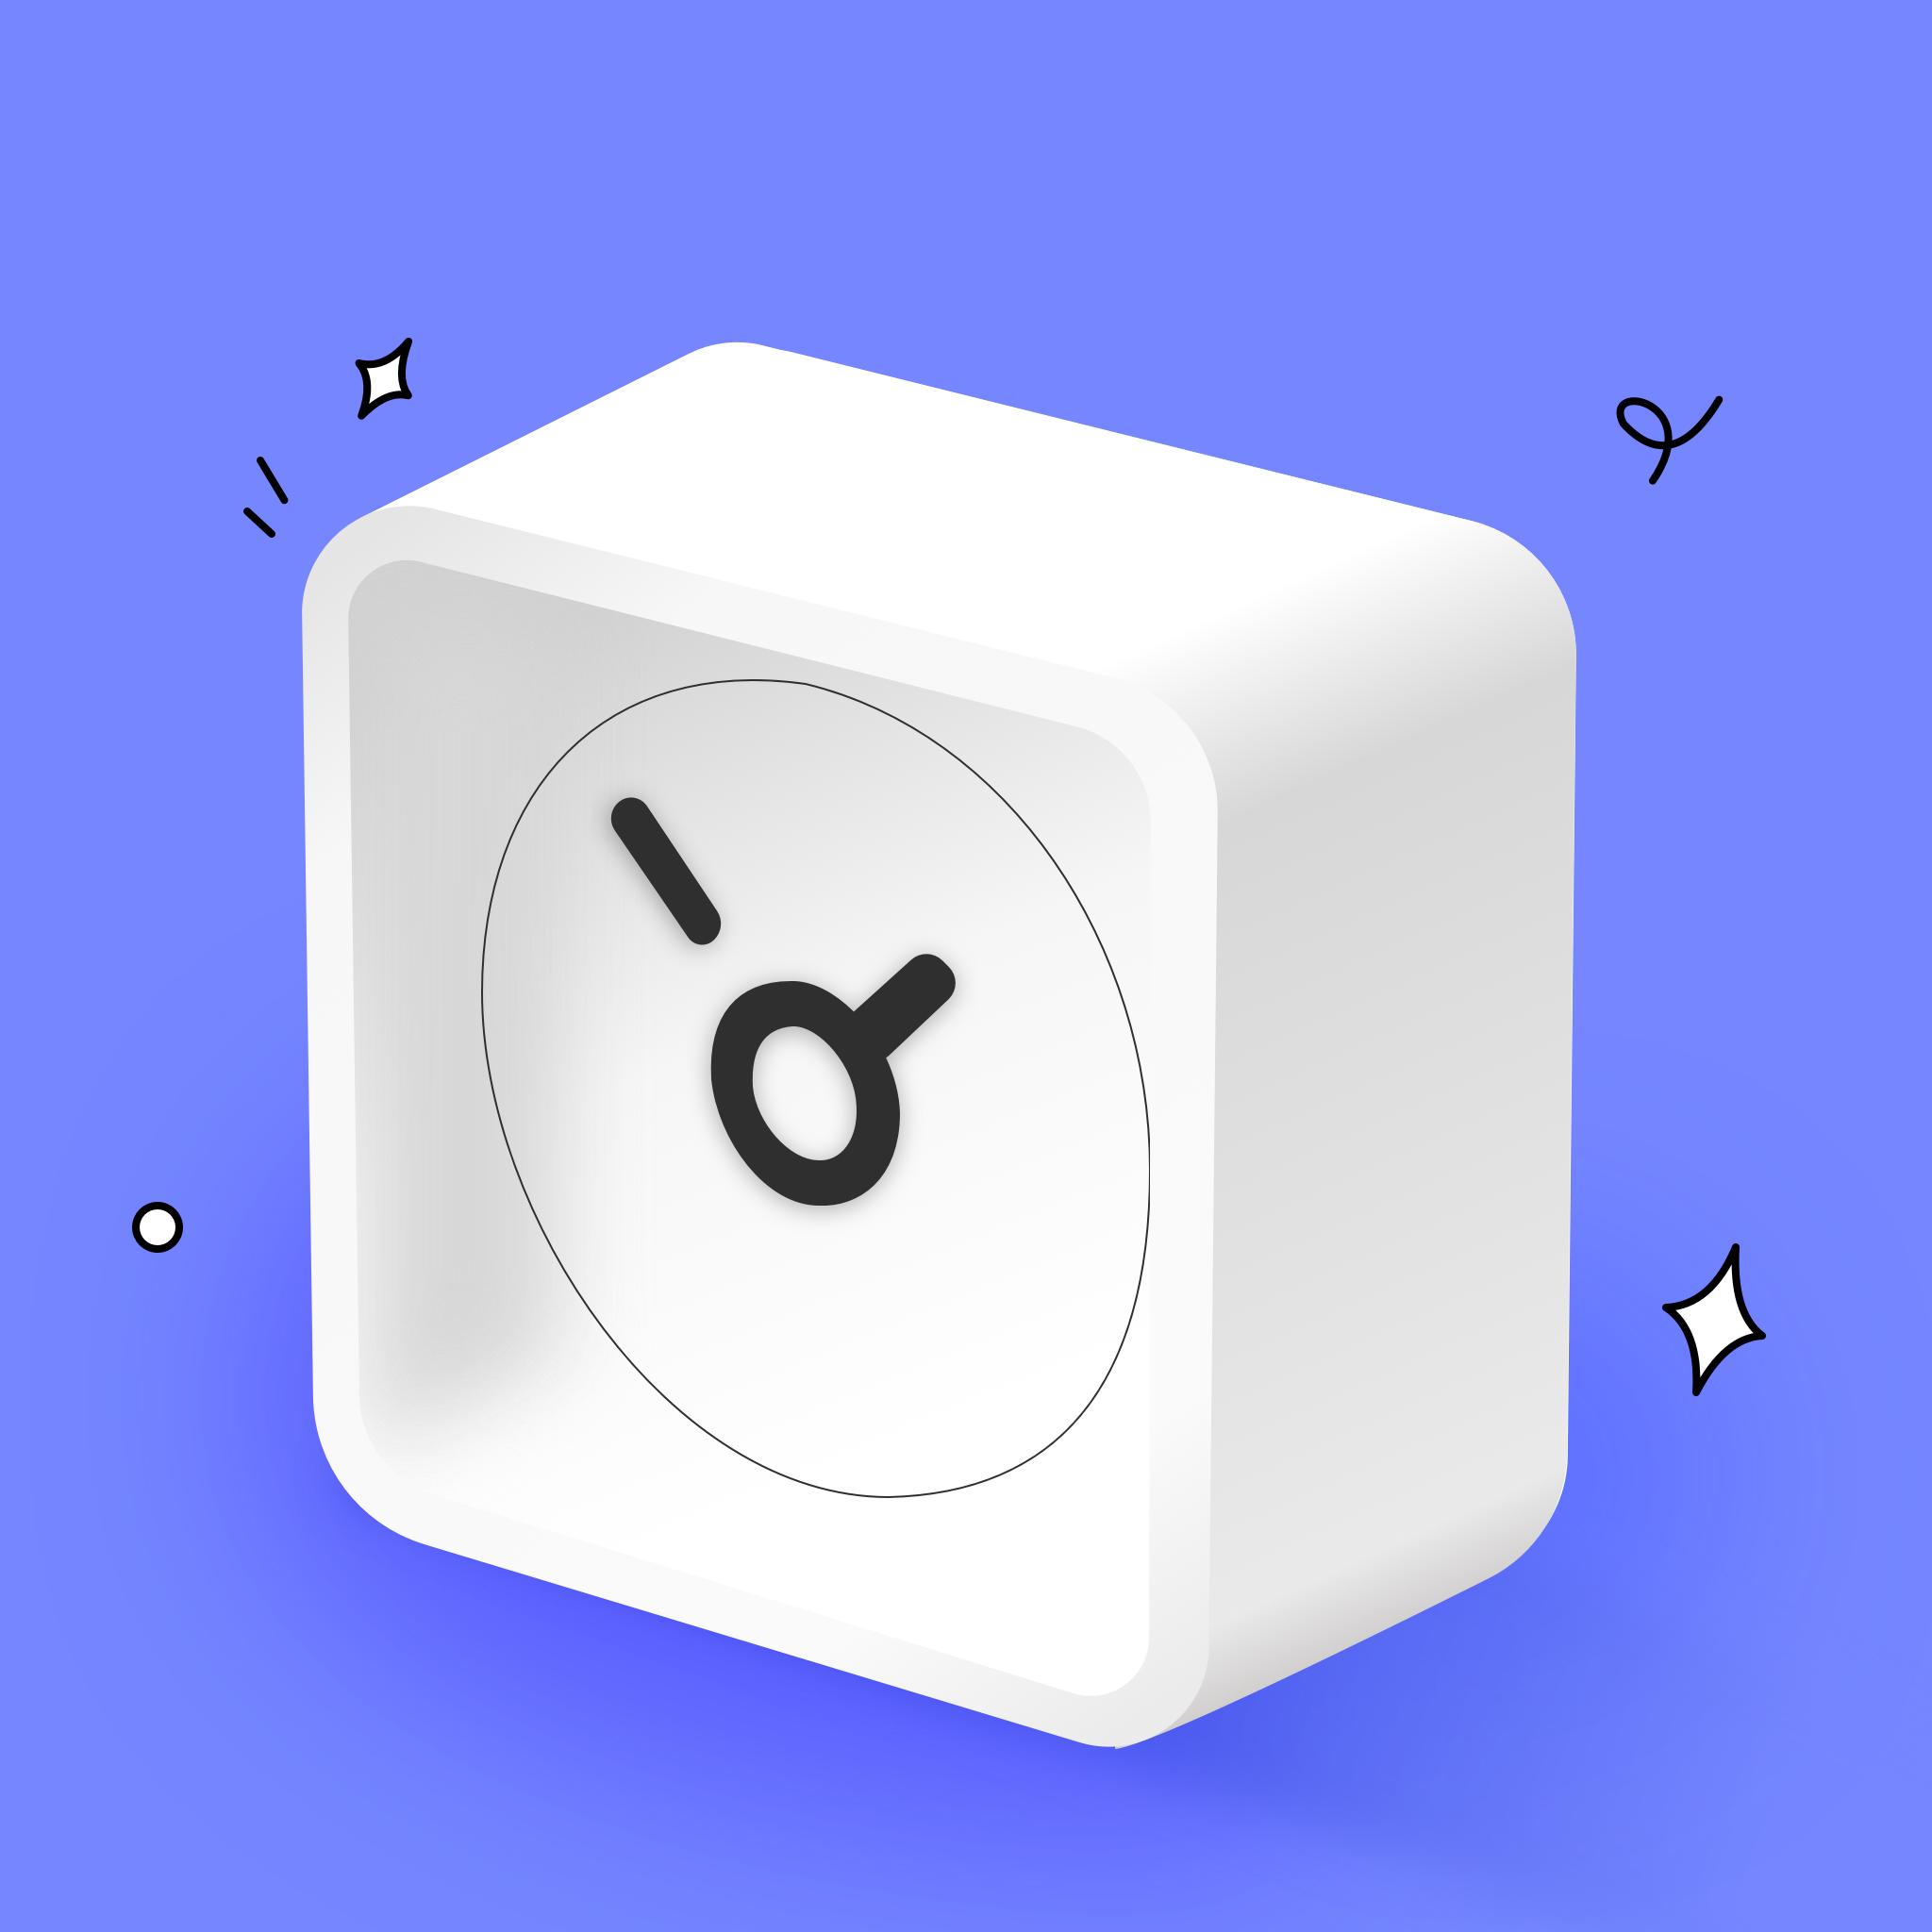 安卓透明���r�插件免�M1.0 最新版